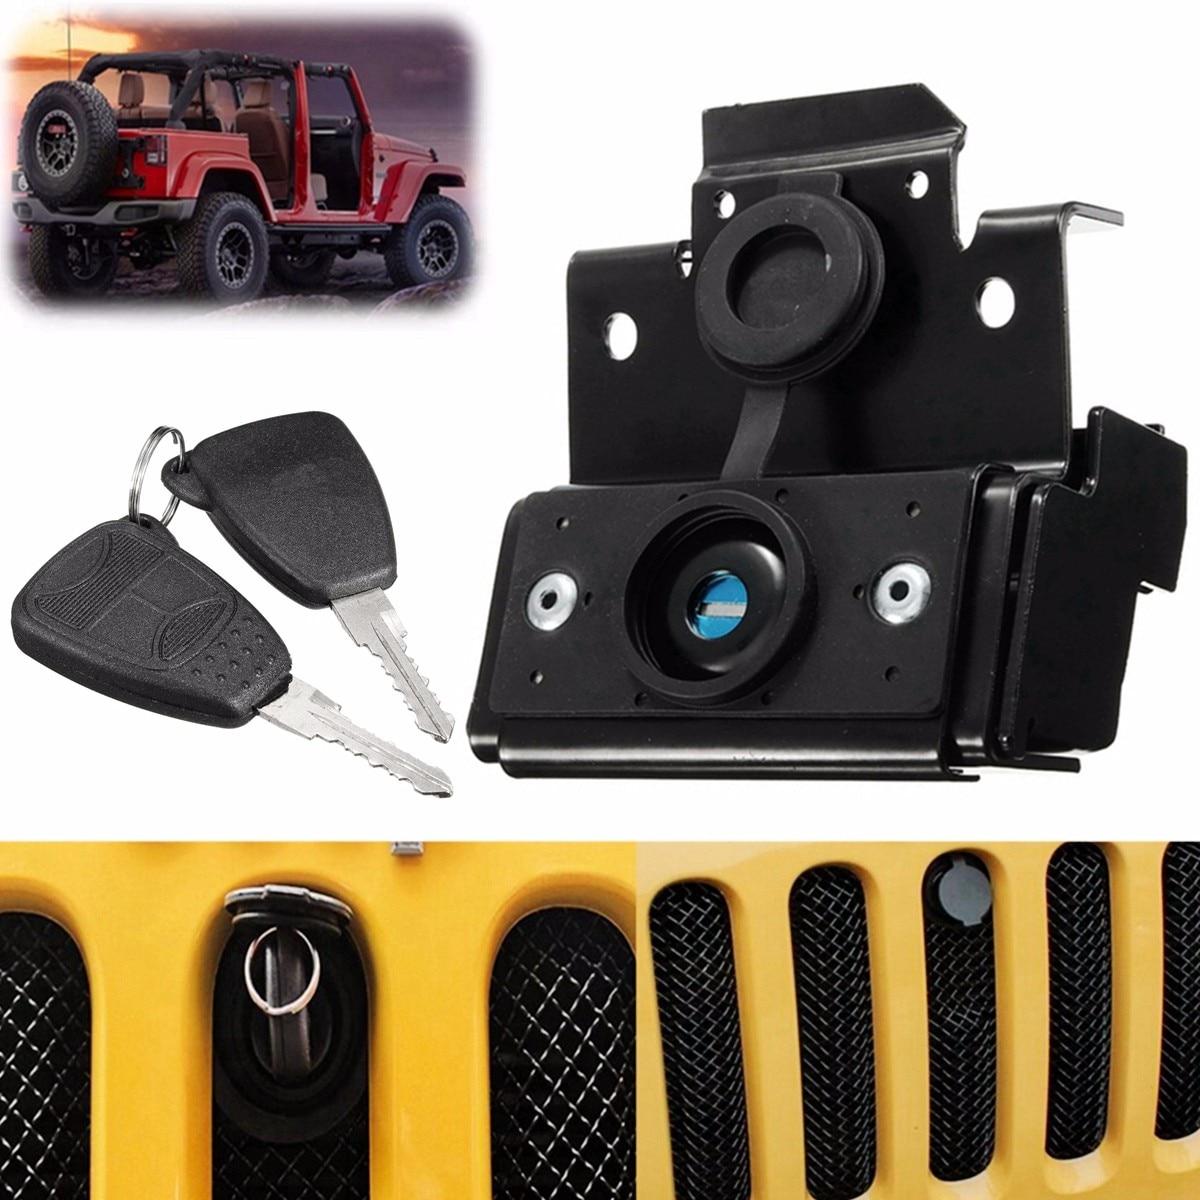 Черный капот замок автомобиля Противоугонная безопасность комплект ключей сборка для Jeep для Wrangler JK 2007-2016 автомобильные аксессуары запасны...